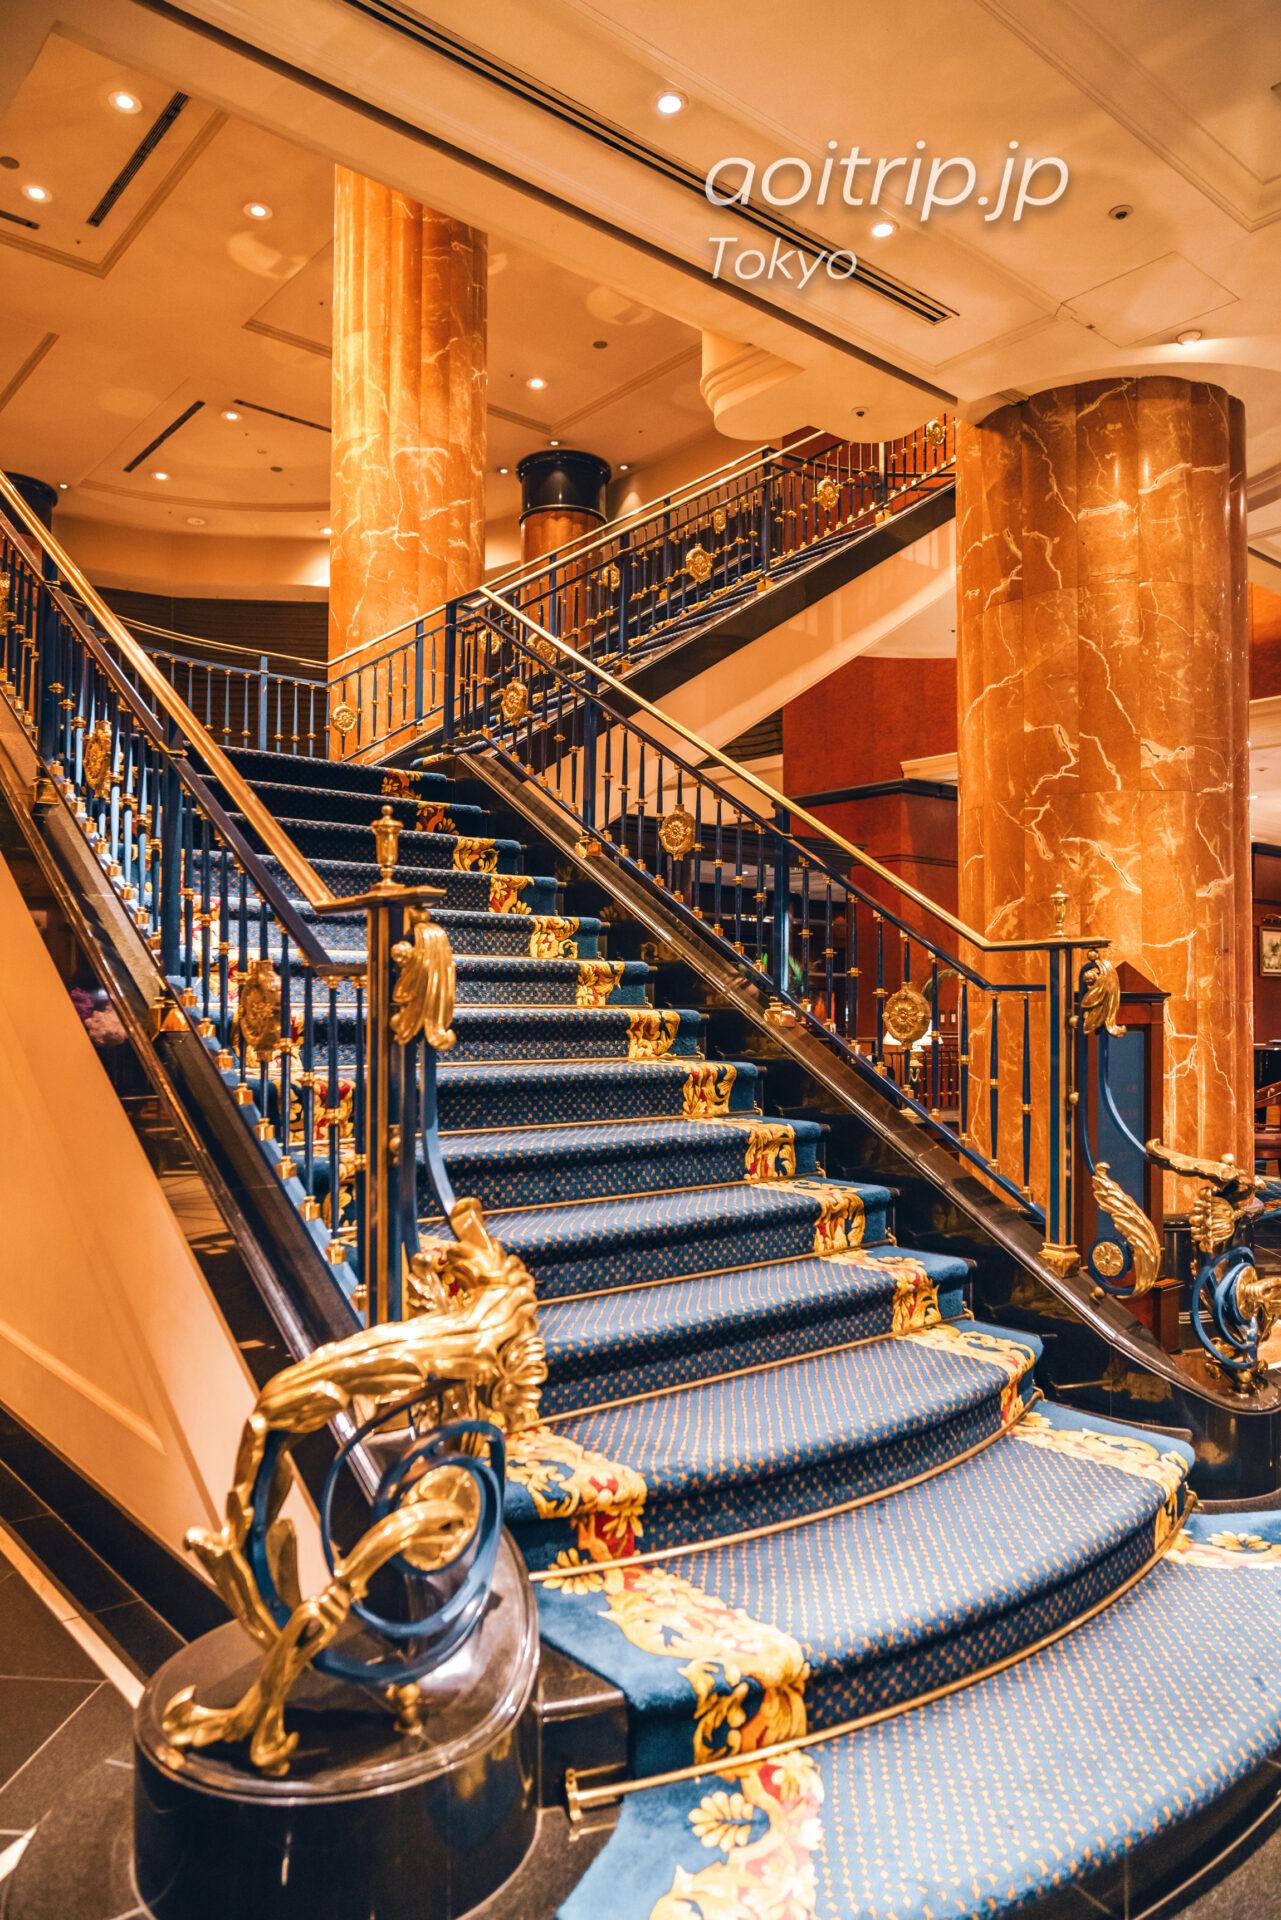 ウェスティンホテル東京 宿泊記|The Westin Tokyo ホテルのロビー